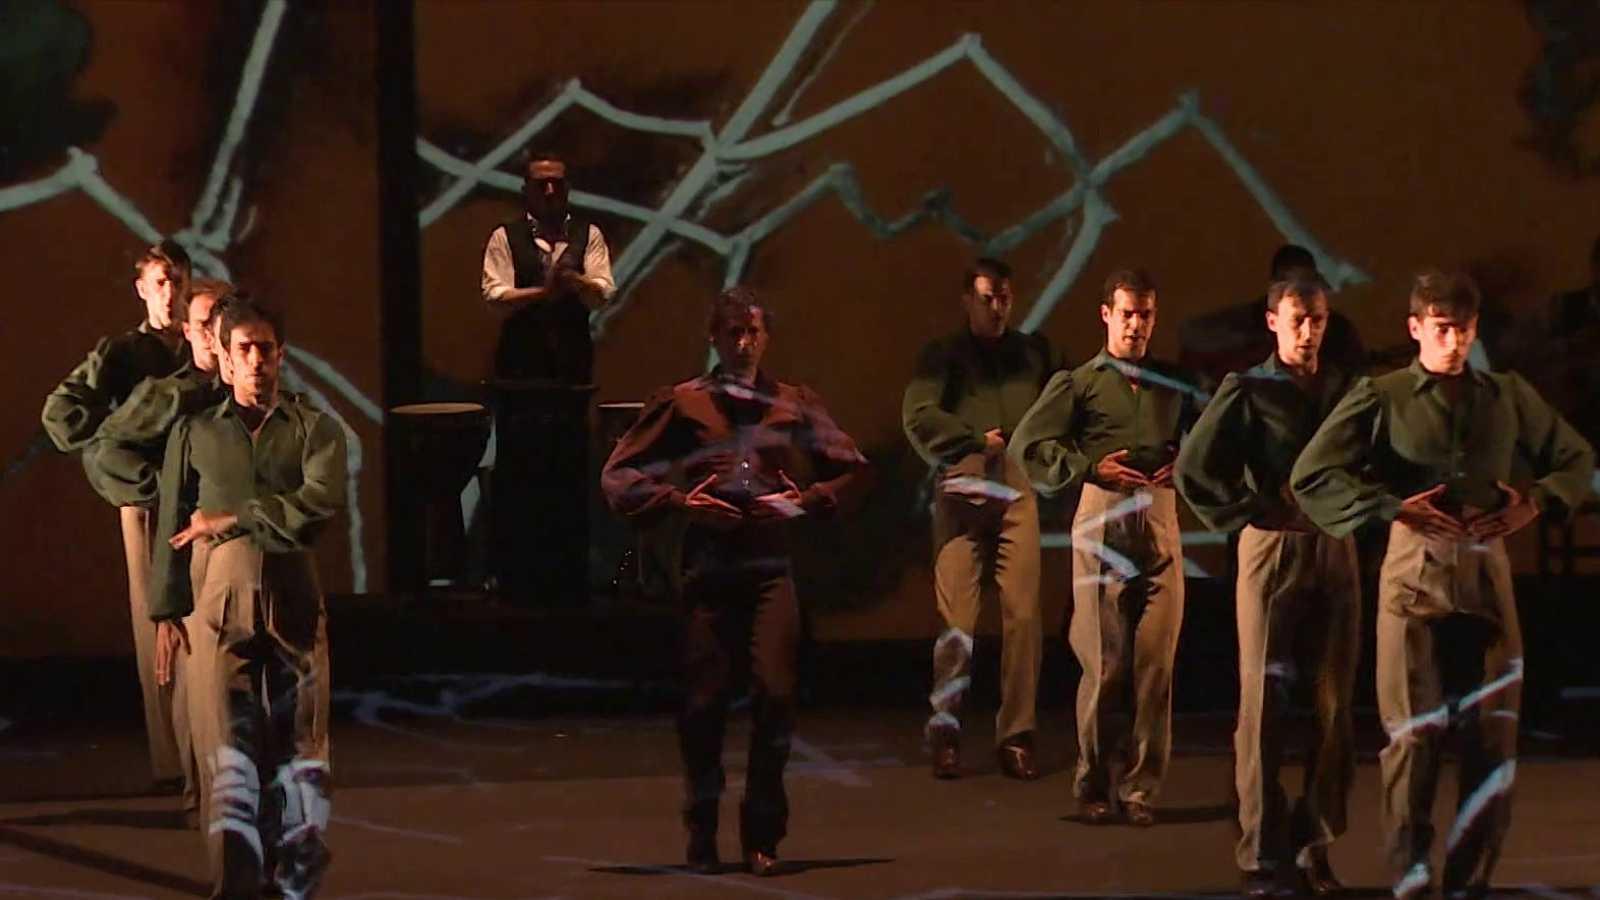 El Ballet Nacional de España y el Teatro de la Mestranza de Sevilla homenajean a Antonio el Bailarín por su centenario